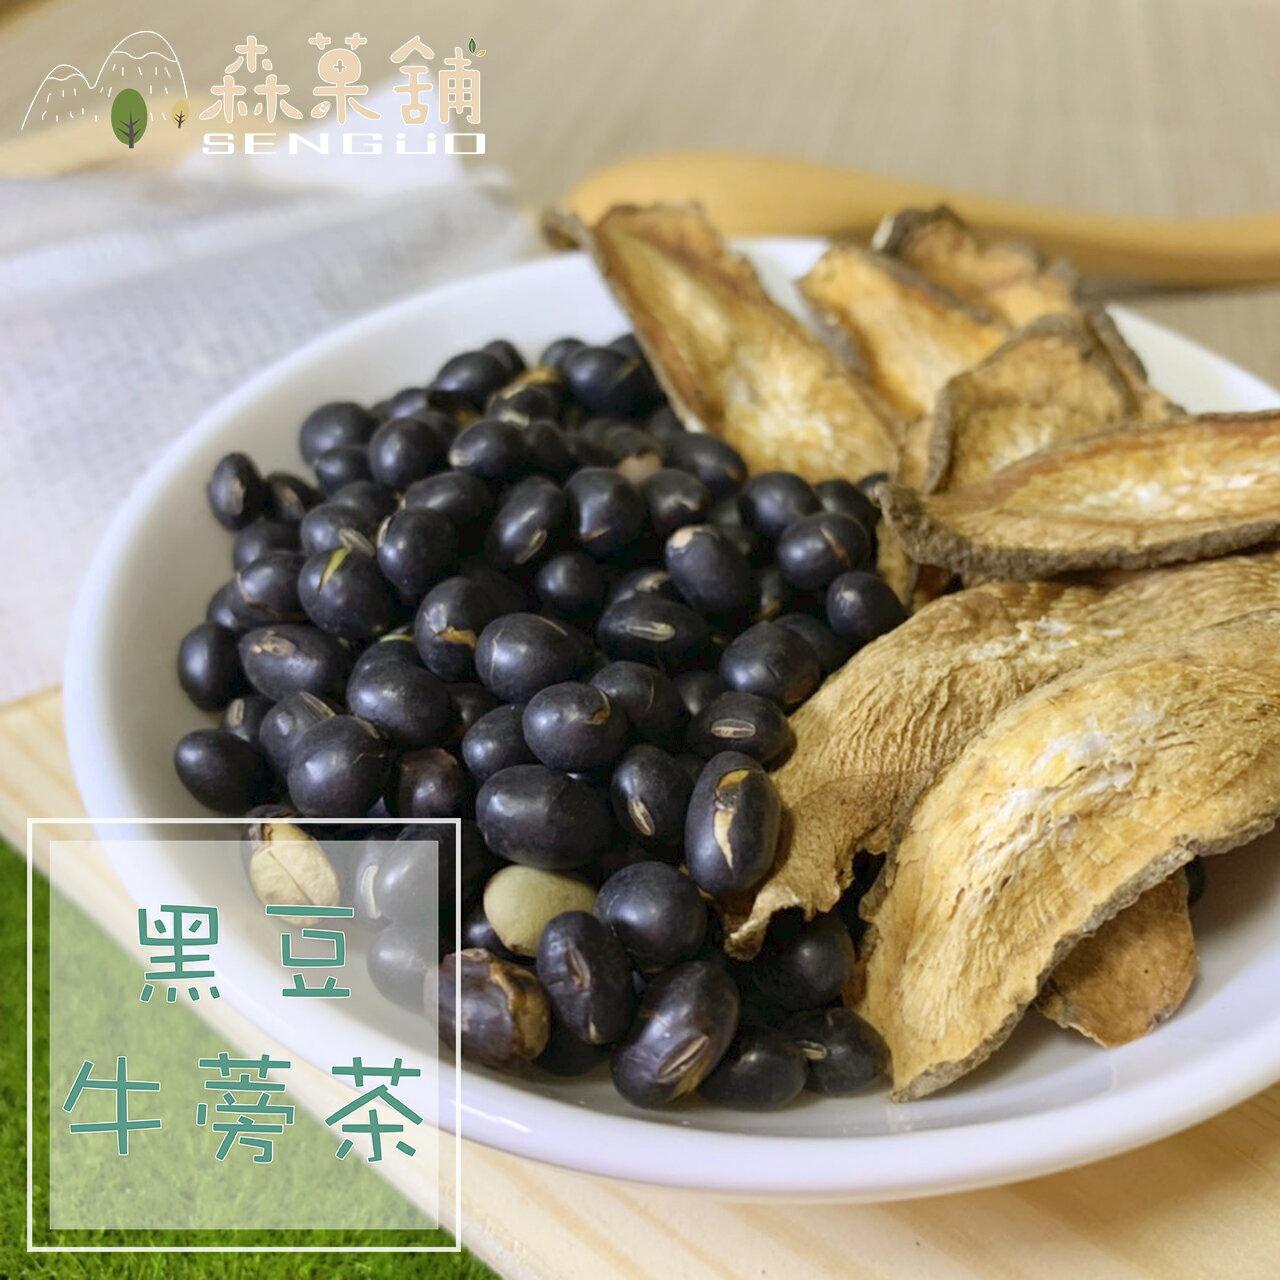 黑豆牛蒡茶 【氣味清香、沖泡飲品】